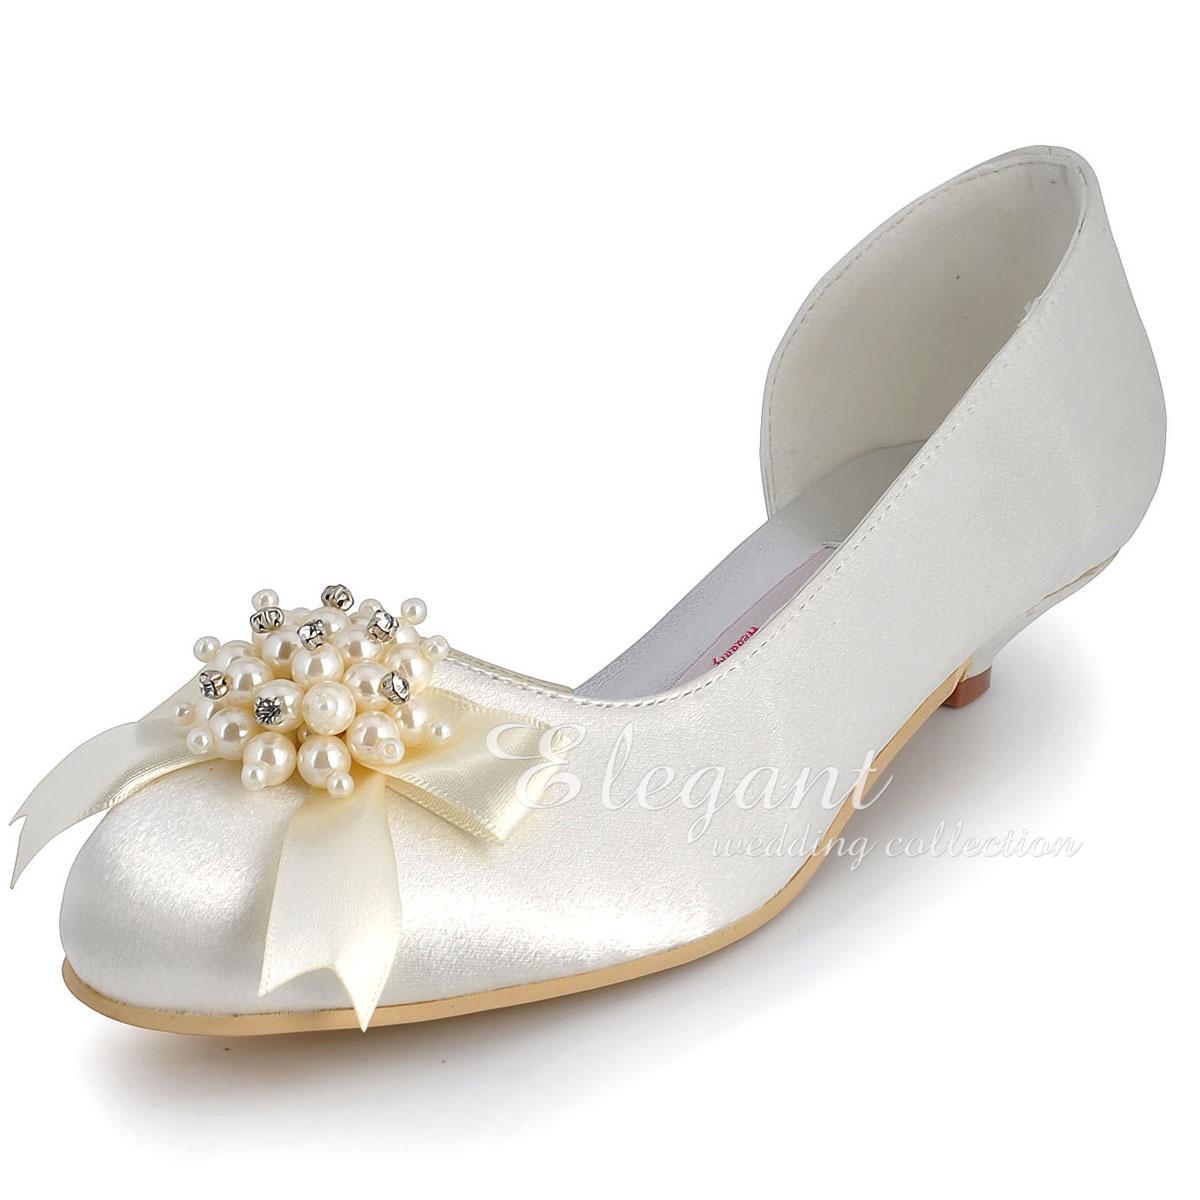 Ivory Wedding Shoes With Rhinestones